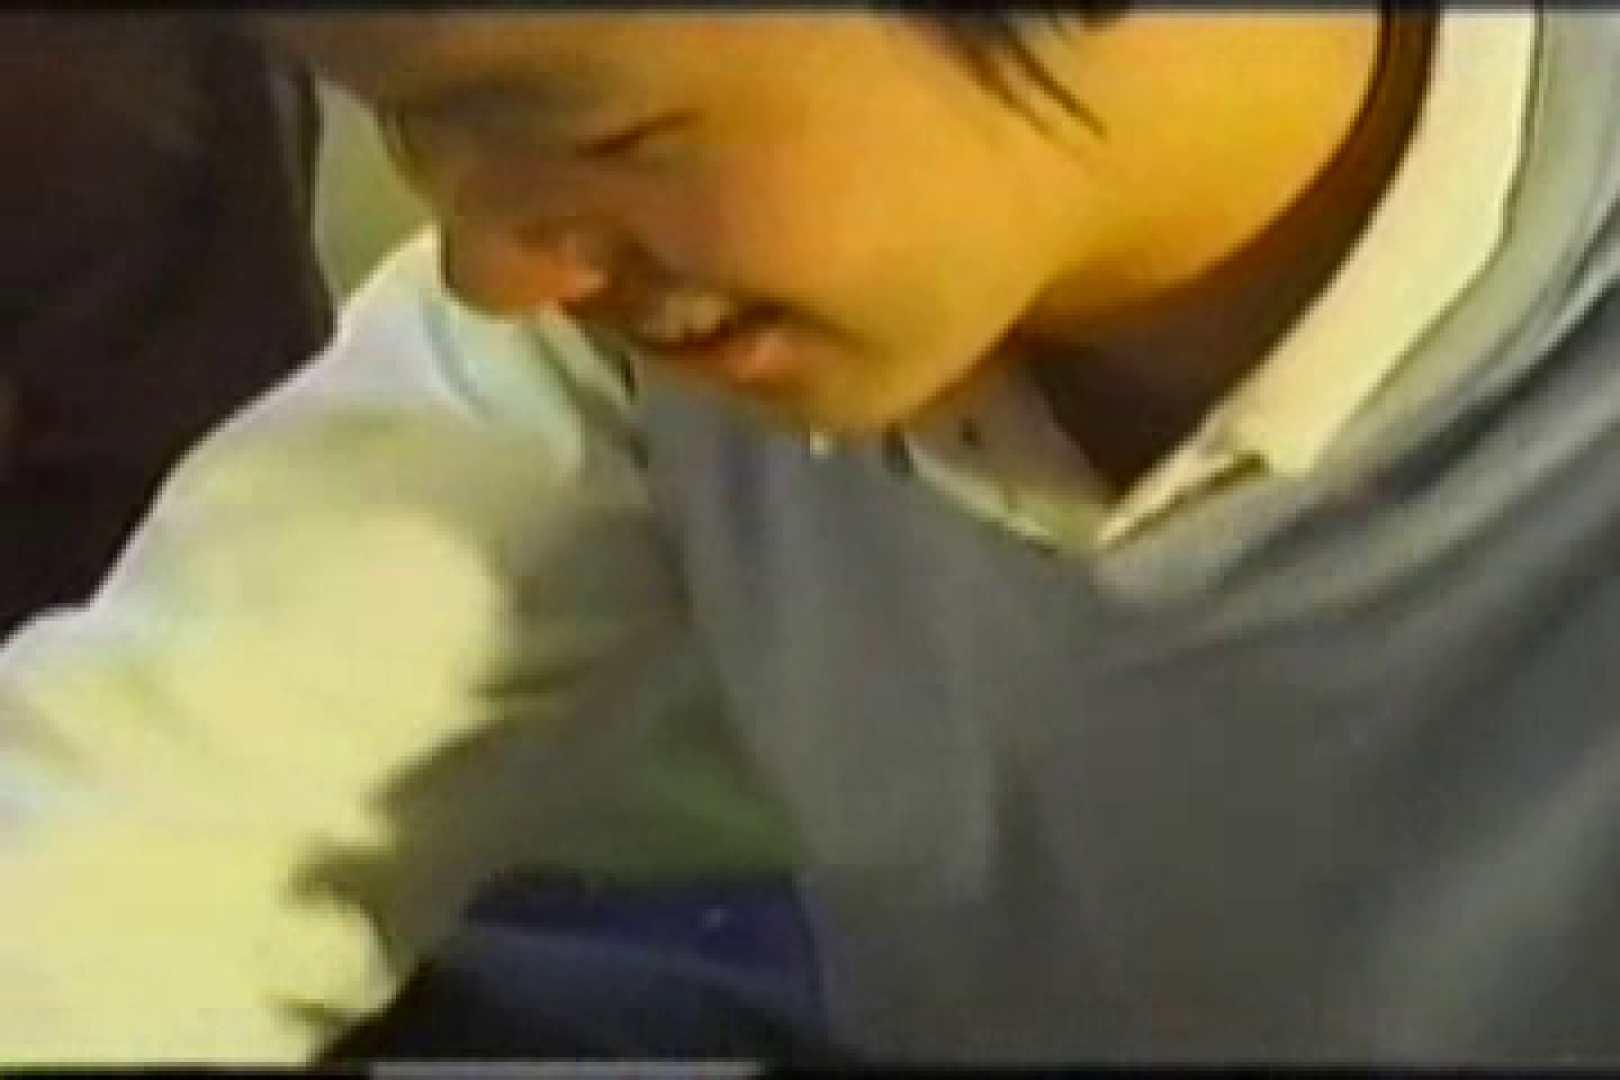 【流出】若者たちの集い Wフェラ ゲイ無料エロ画像 48pic 11